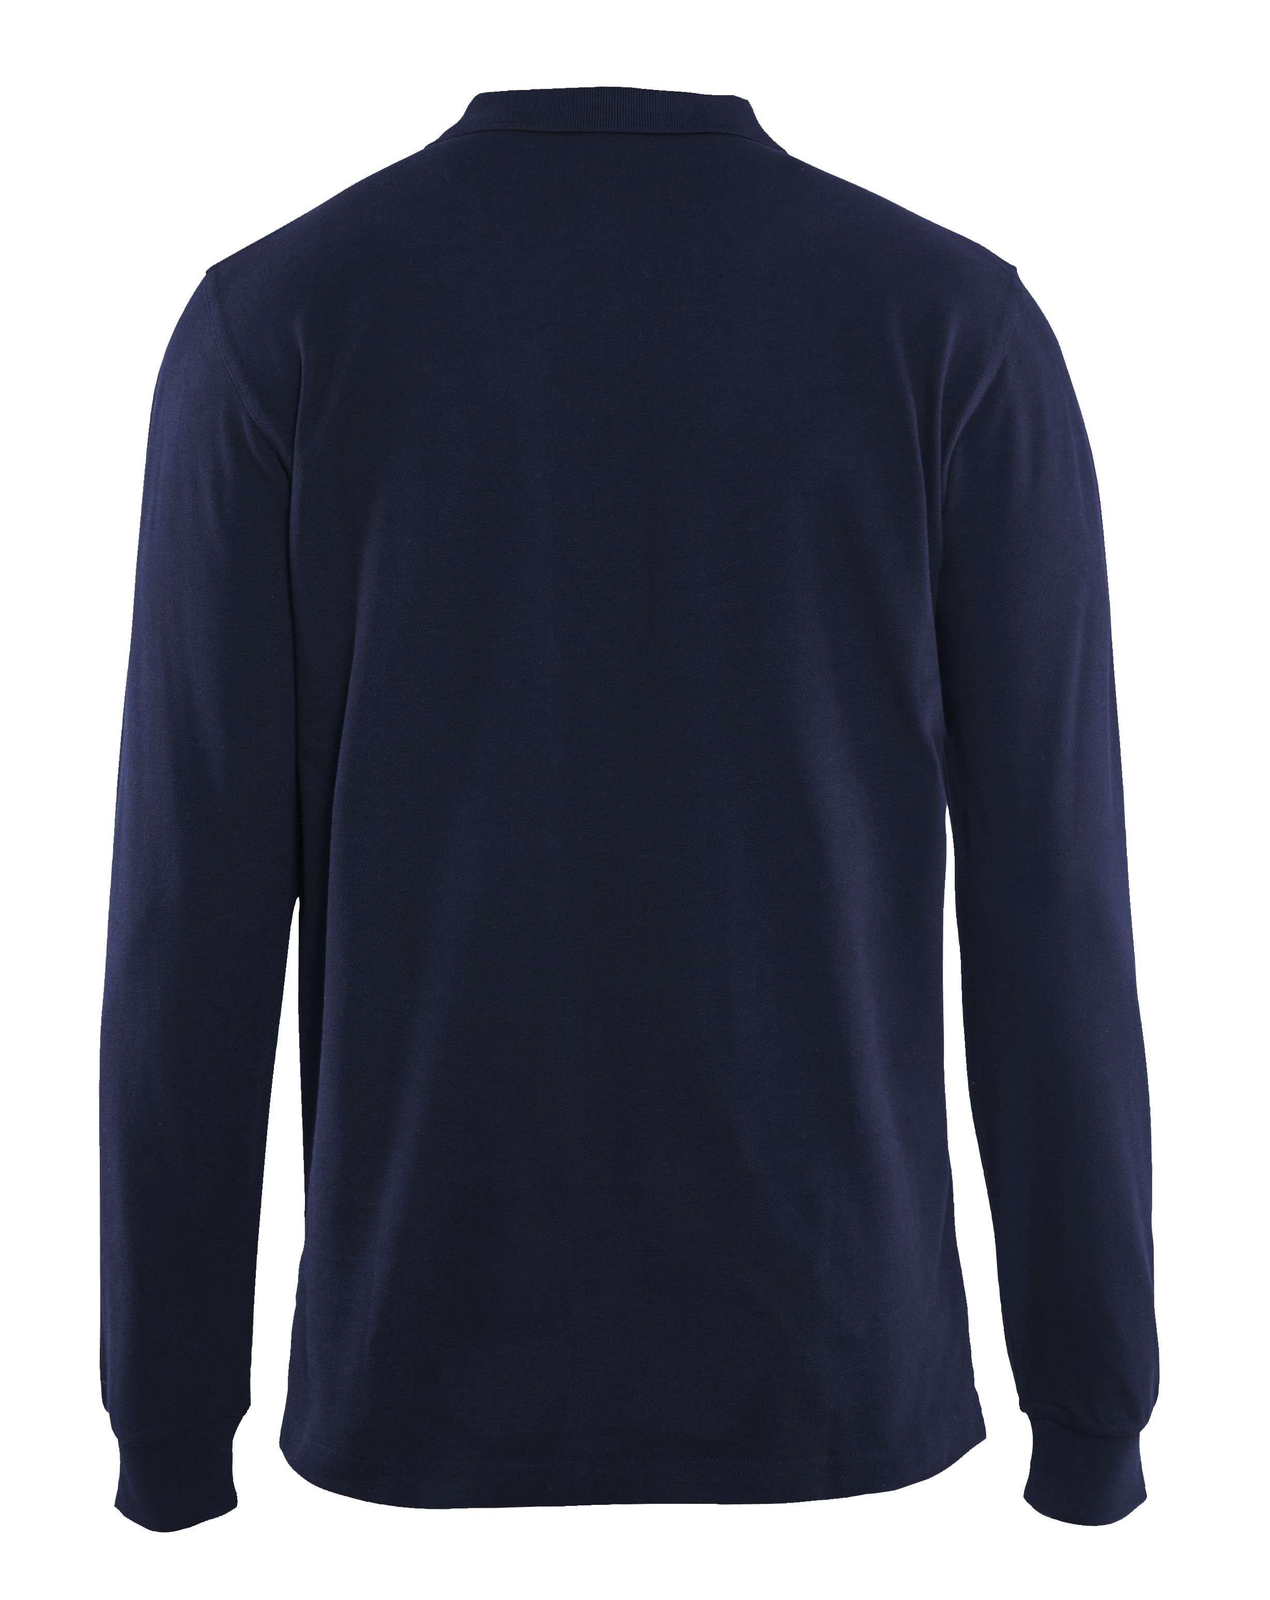 Blaklader Poloshirts 33881050 marineblauw(8900)